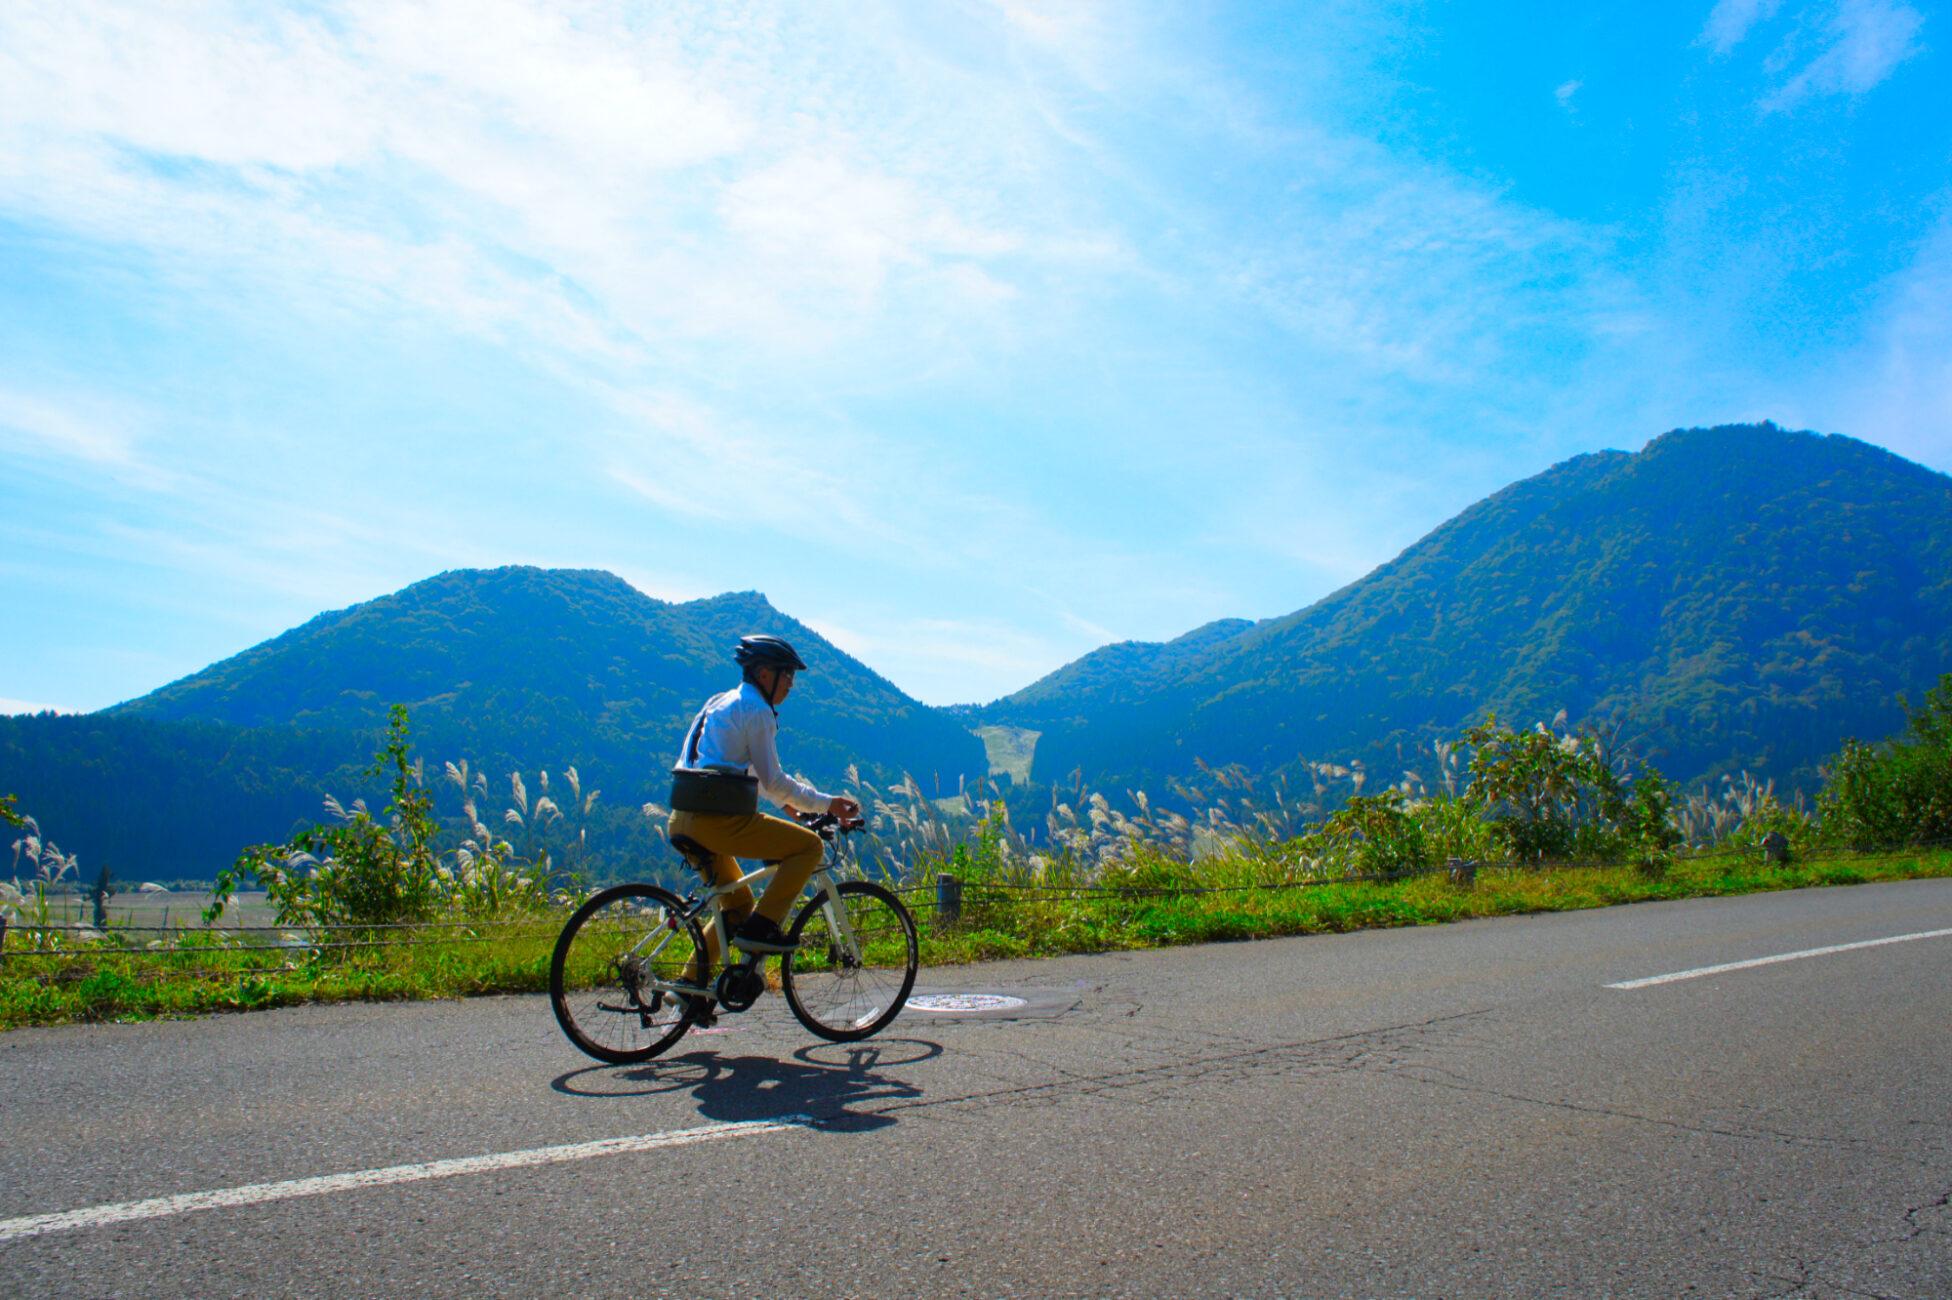 木島平やまびこの丘公園向かって走るE-bike